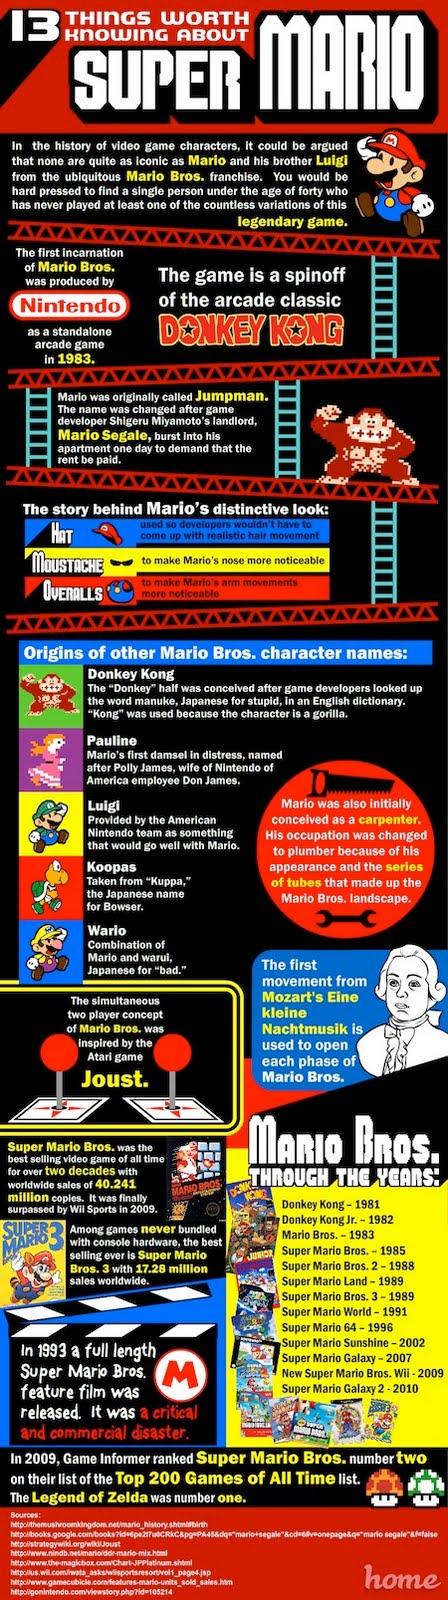 la storia completa di SuperMario della Nintendo. L'eroe dei videogiochi degli anni 80-90 e anche 2000!